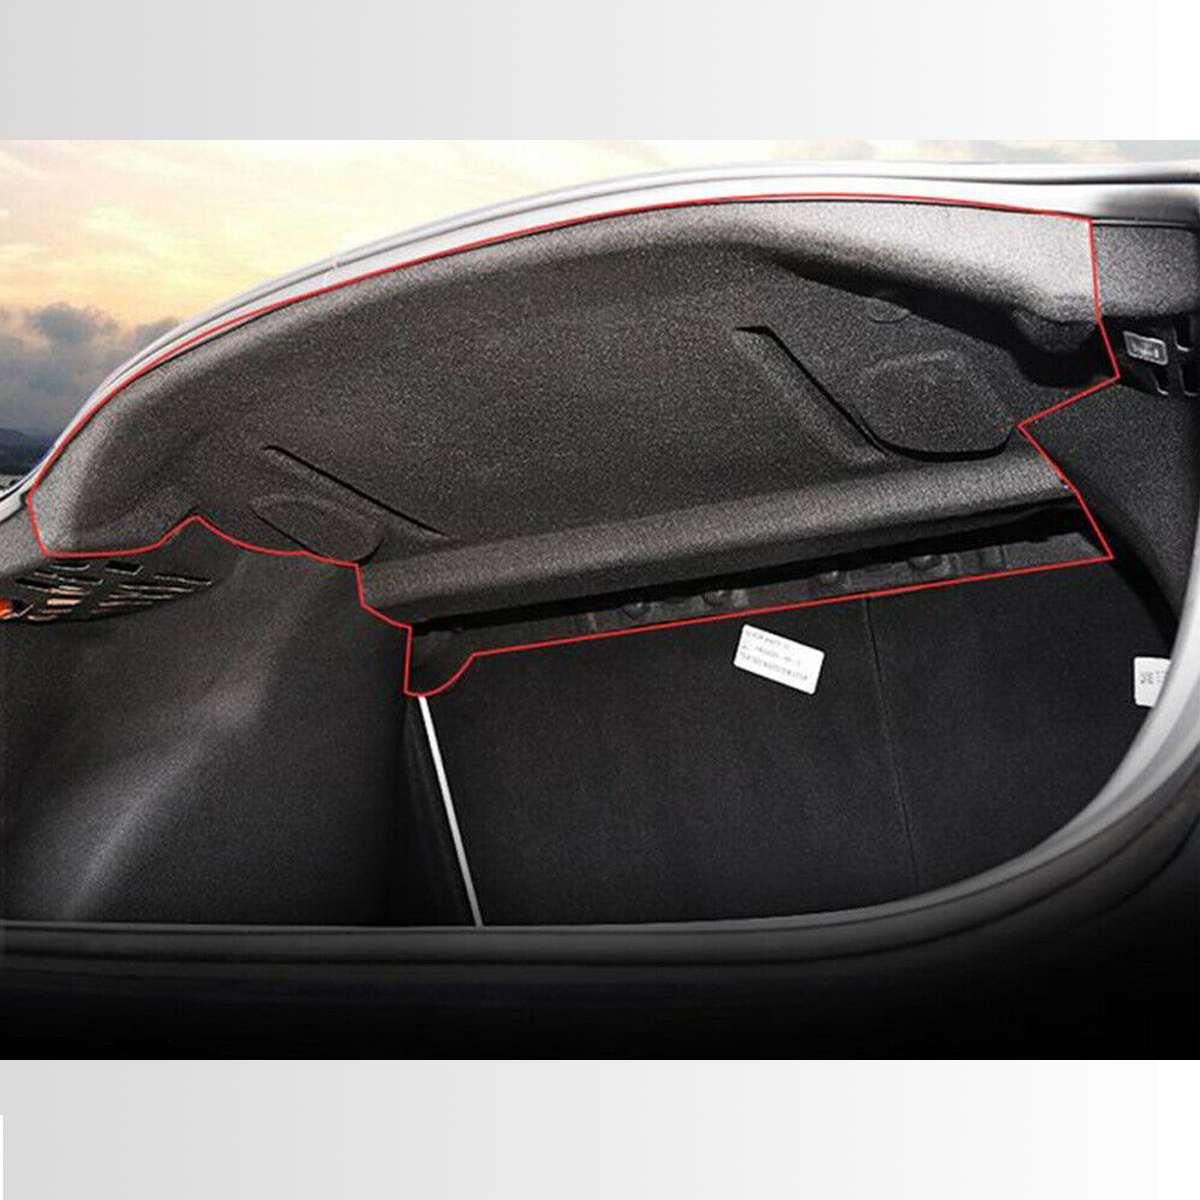 Nouveau tapis de protection insonorisé en coton pour coffre arrière pour voiture Tesla modèle 3 - 4